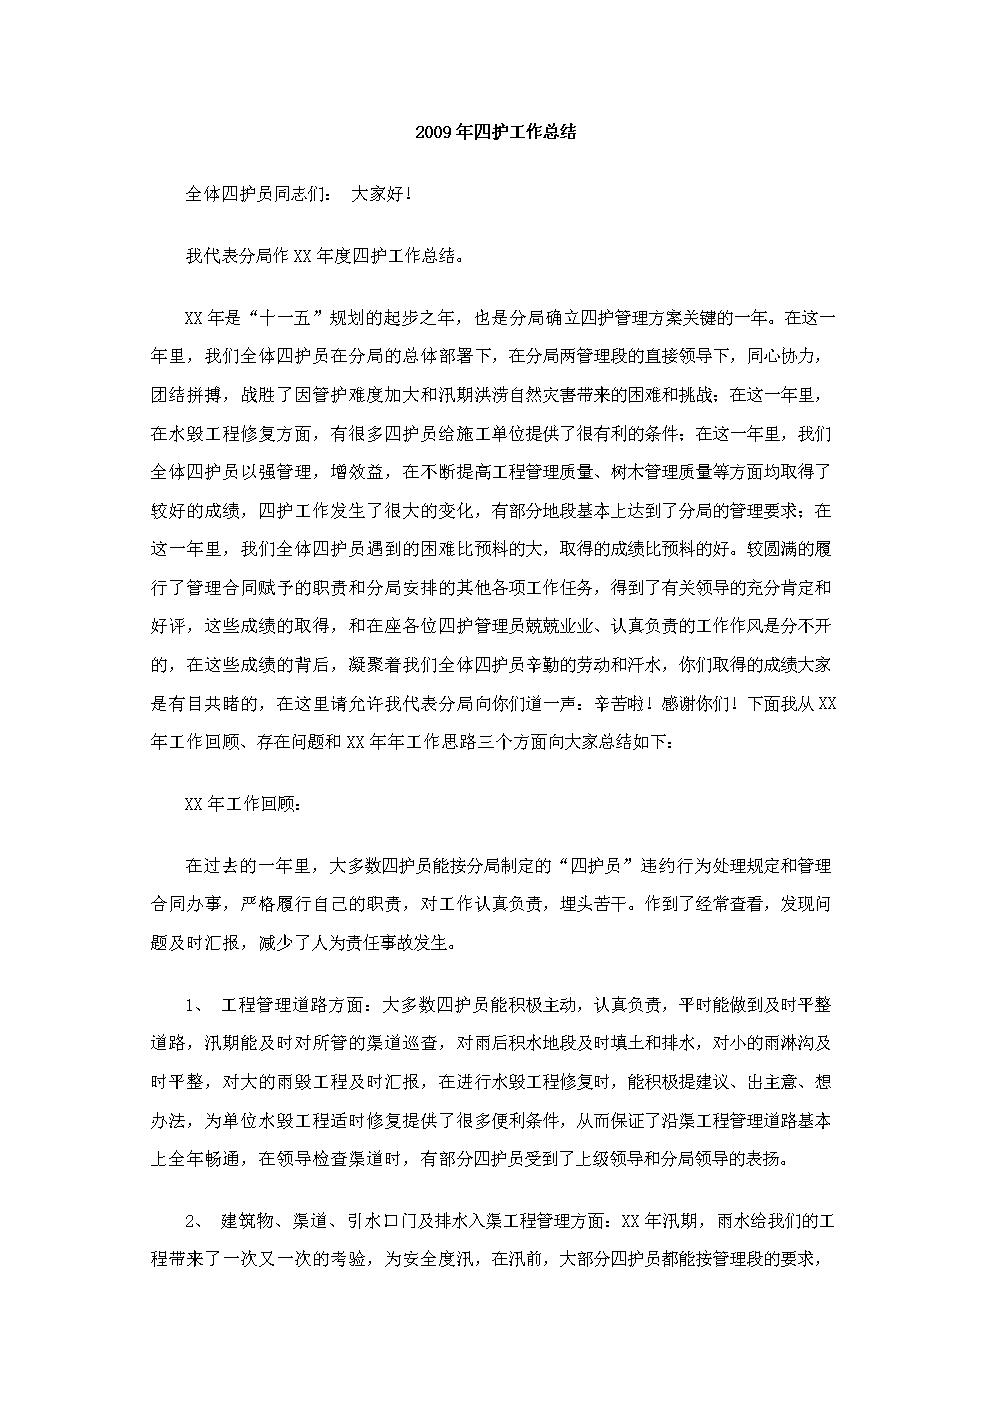 四護工作總結.doc